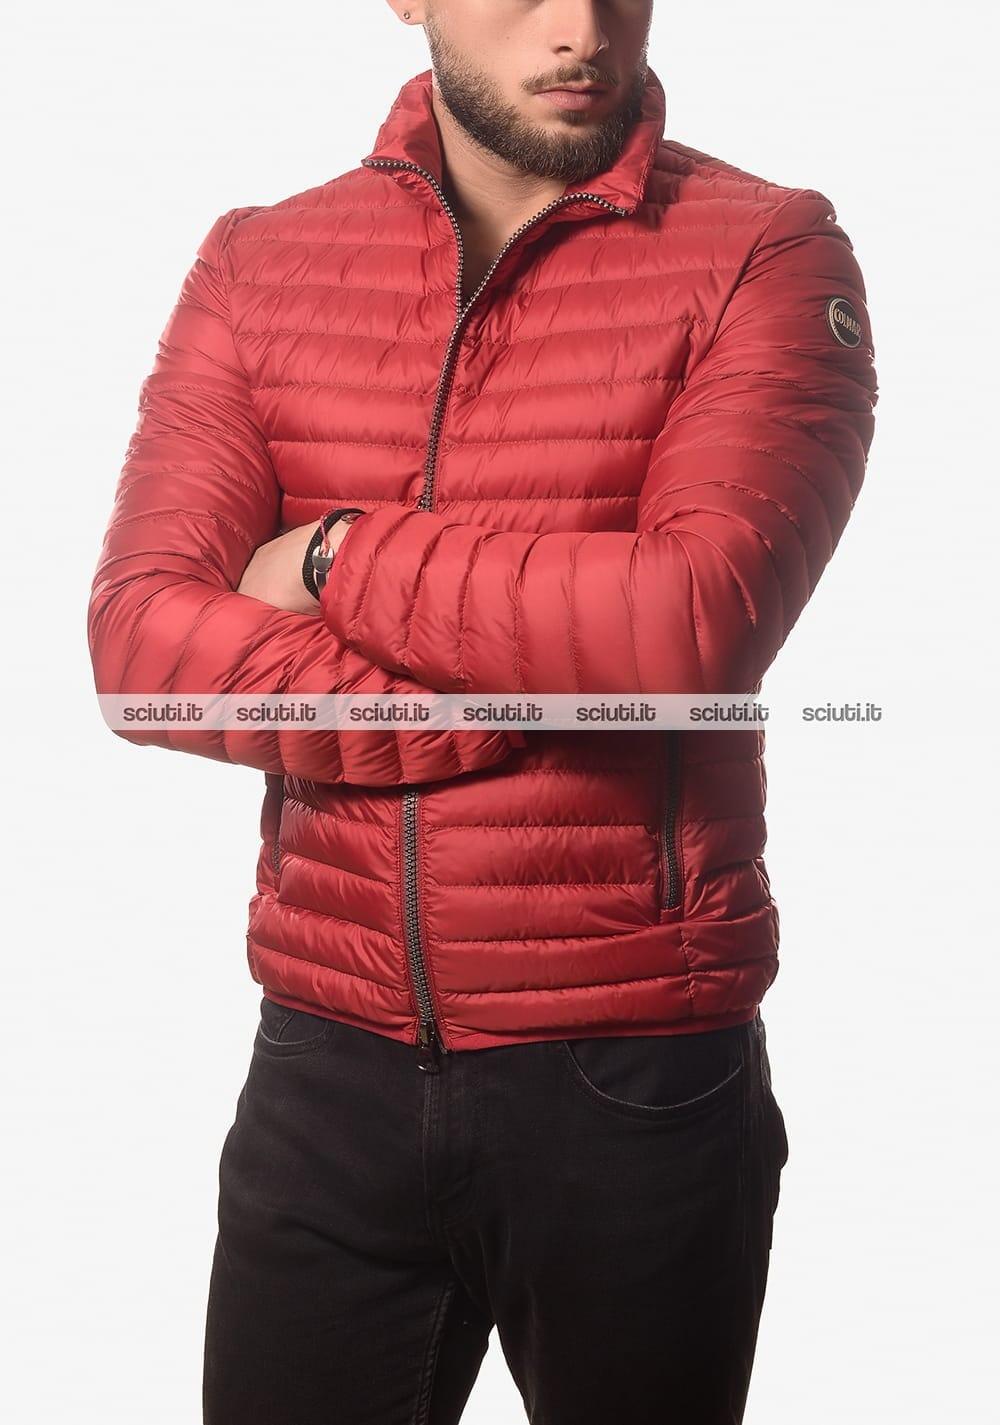 best service c78a0 9e9b8 Piumino Colmar uomo leggero semiopaco senza cappuccio rosso